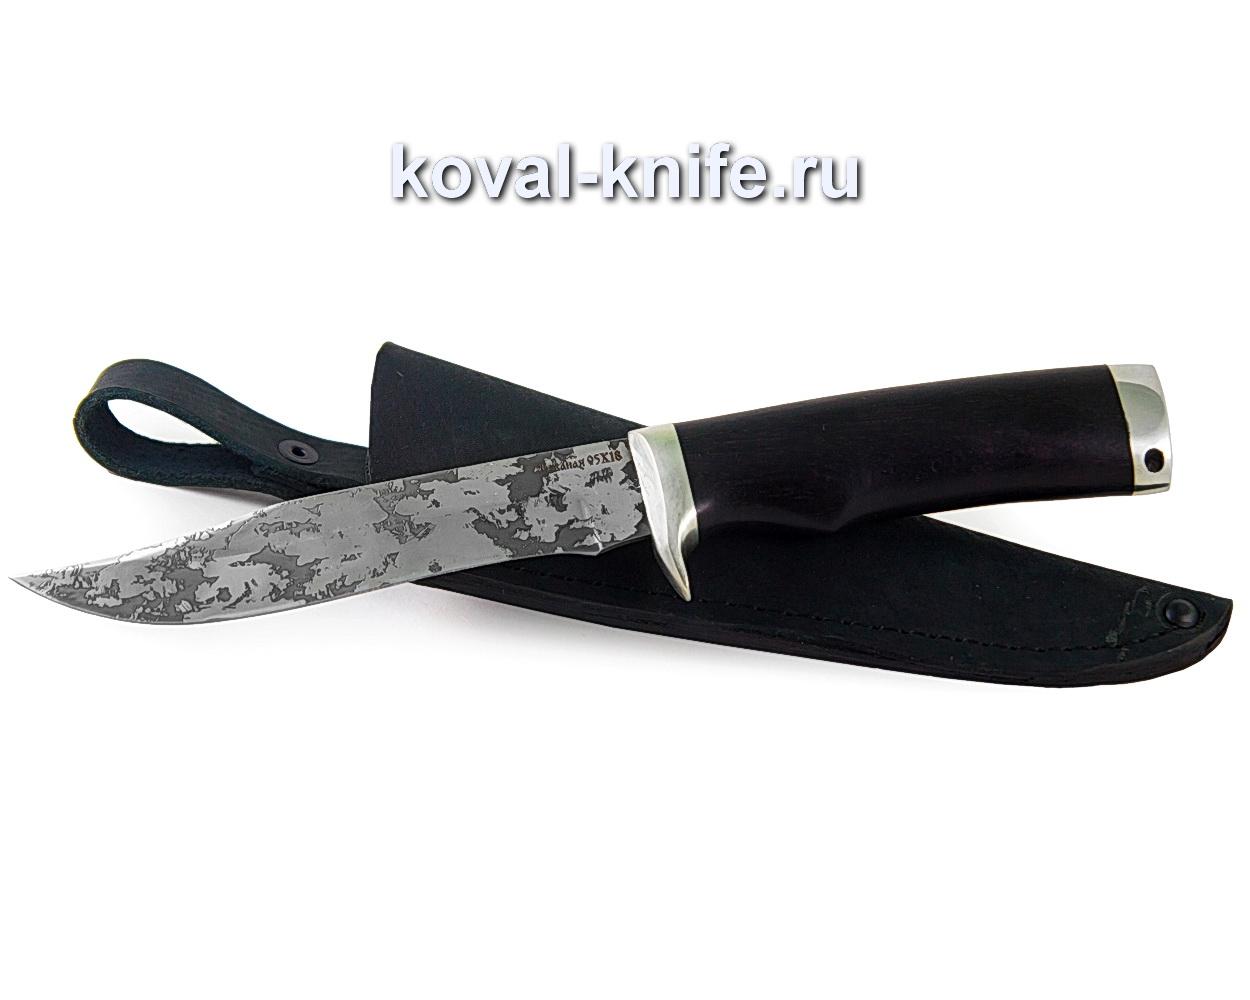 Нож Викинг из стали 95х18 (рукоять граб, гарда и пятка-мельхиор, травление) A349